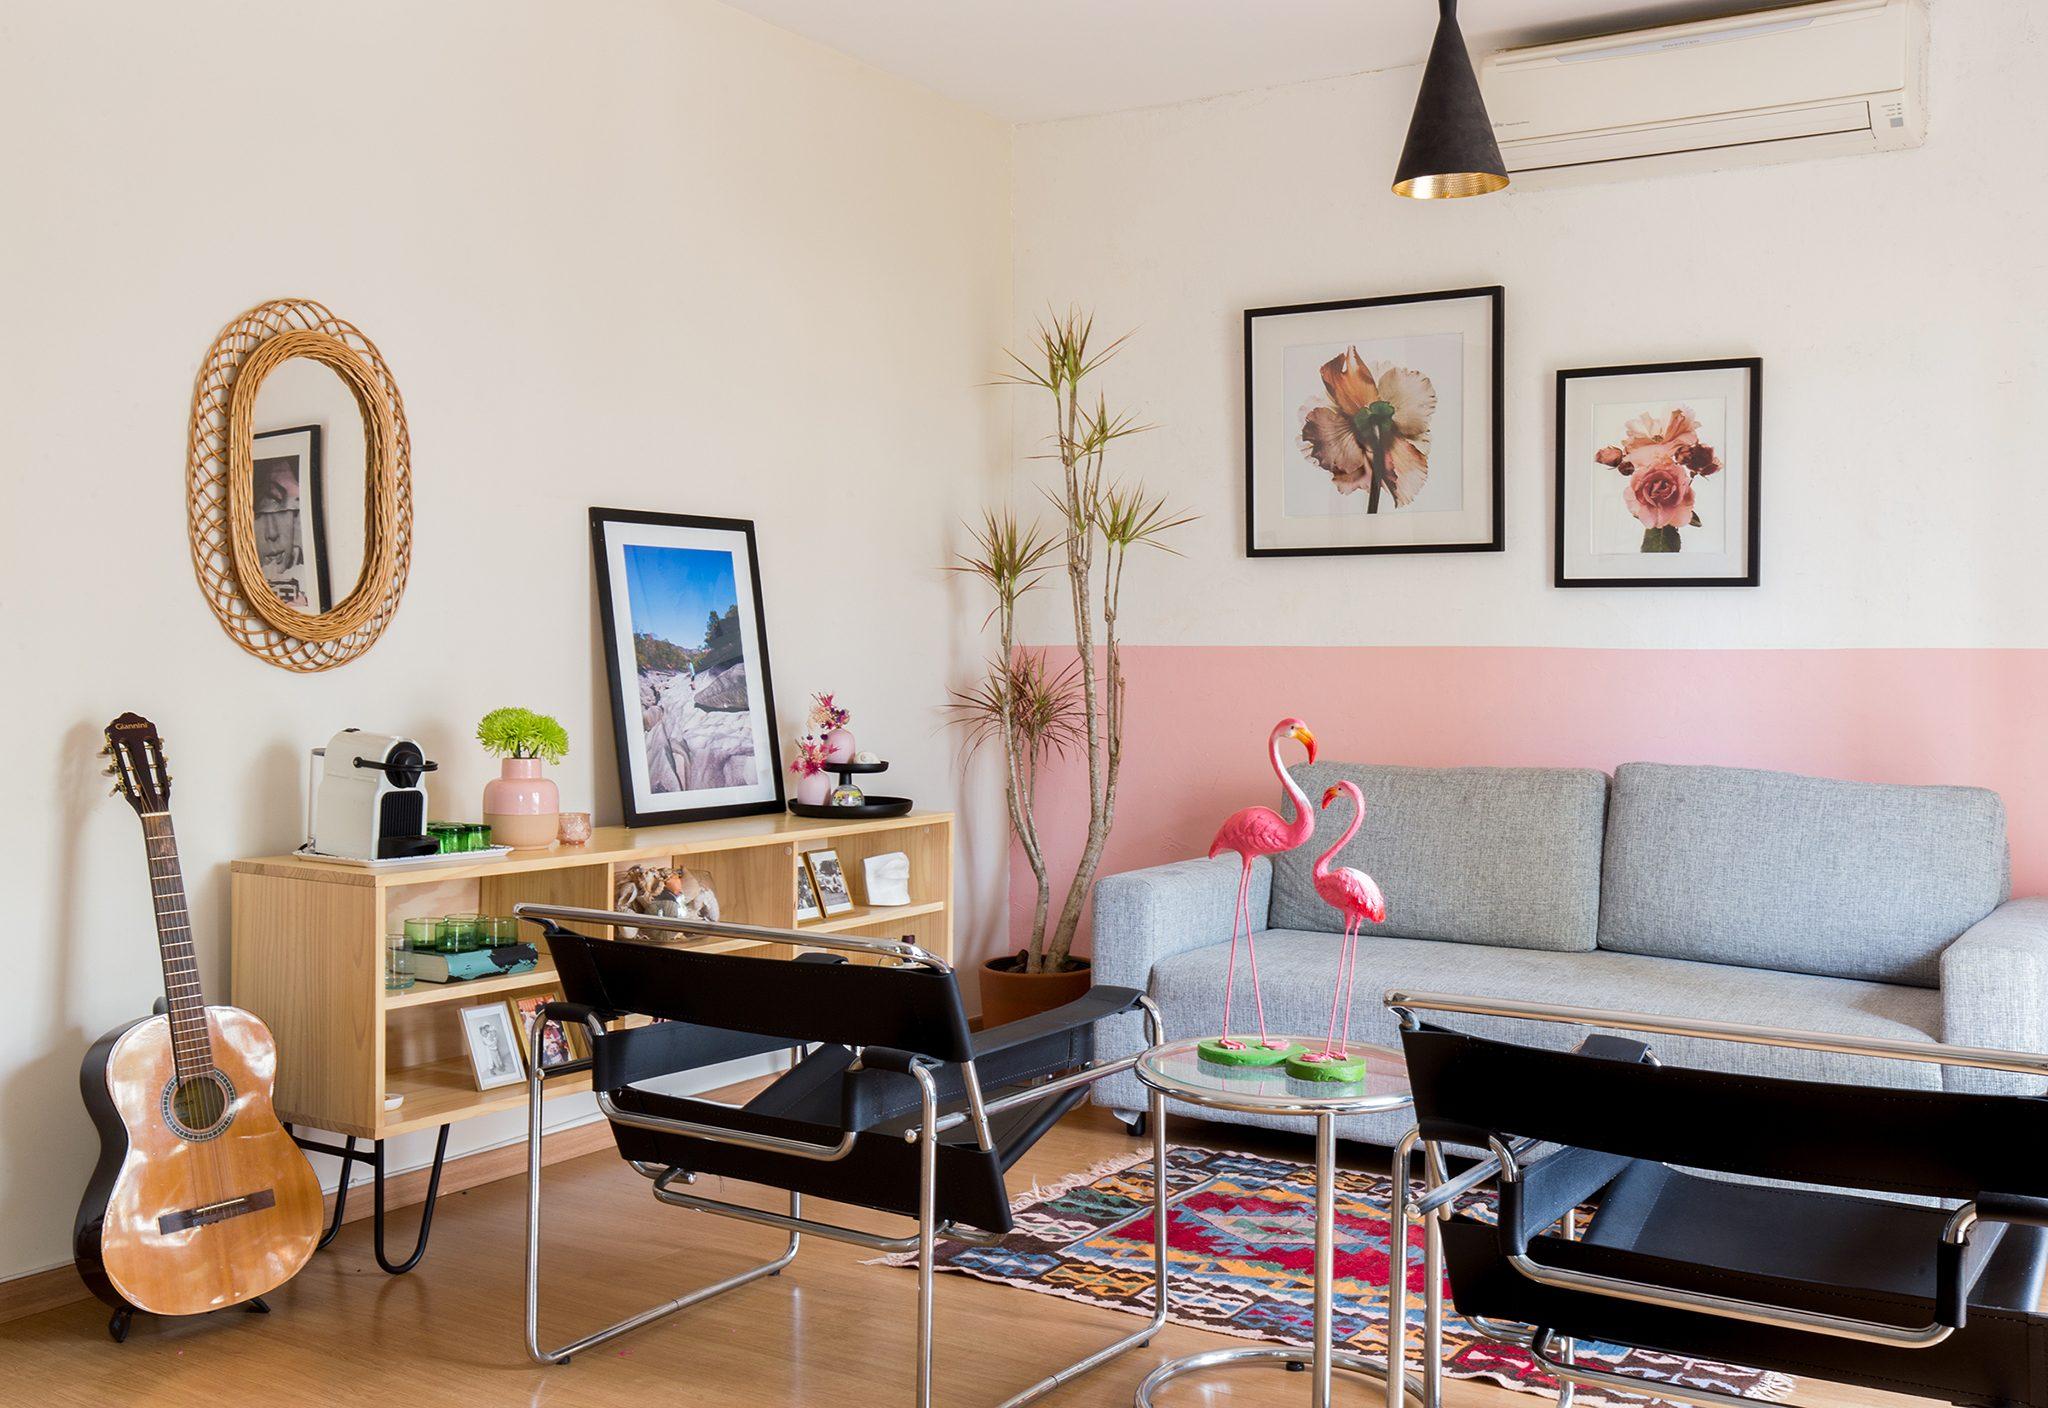 Apartamento descolado com parede pintada de rosa